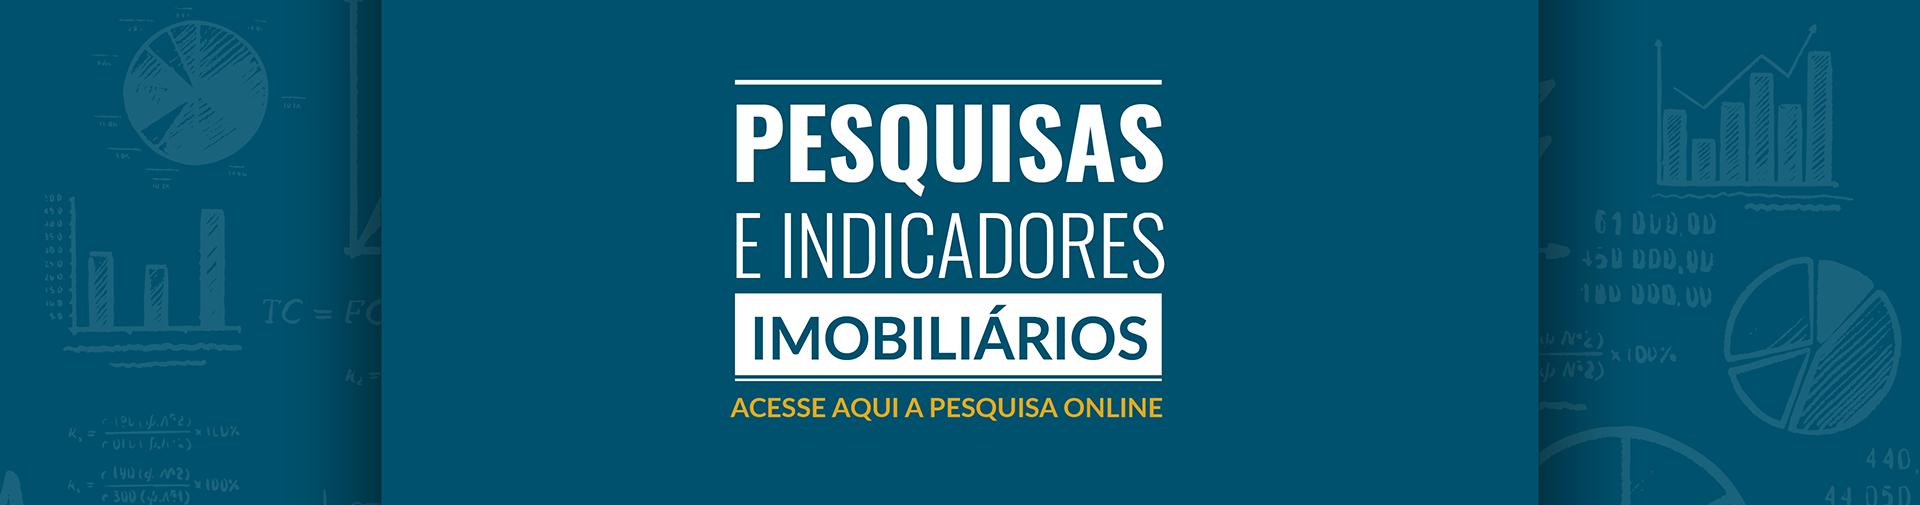 Pesquisas e indicadores imobiliários preço imóveis rio de janeiro